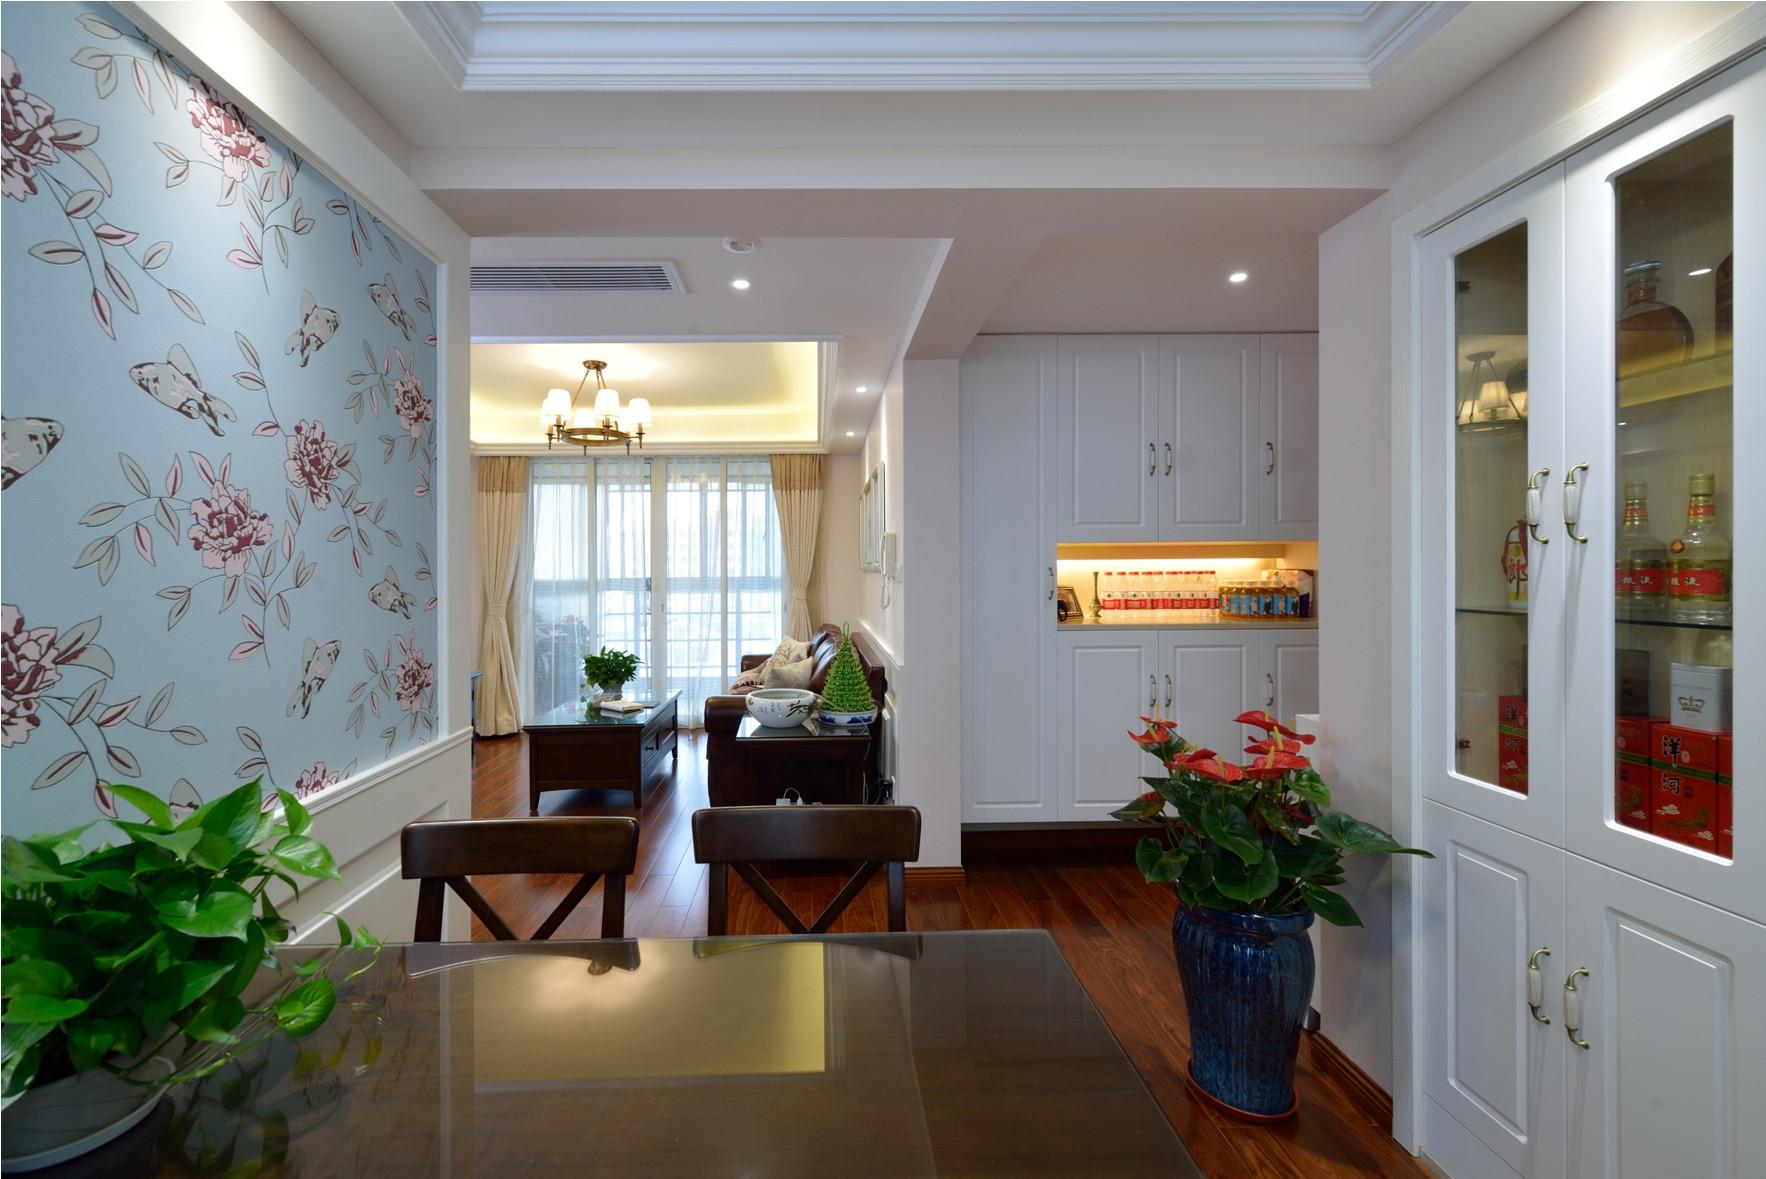 二居室美式之家餐边柜图片